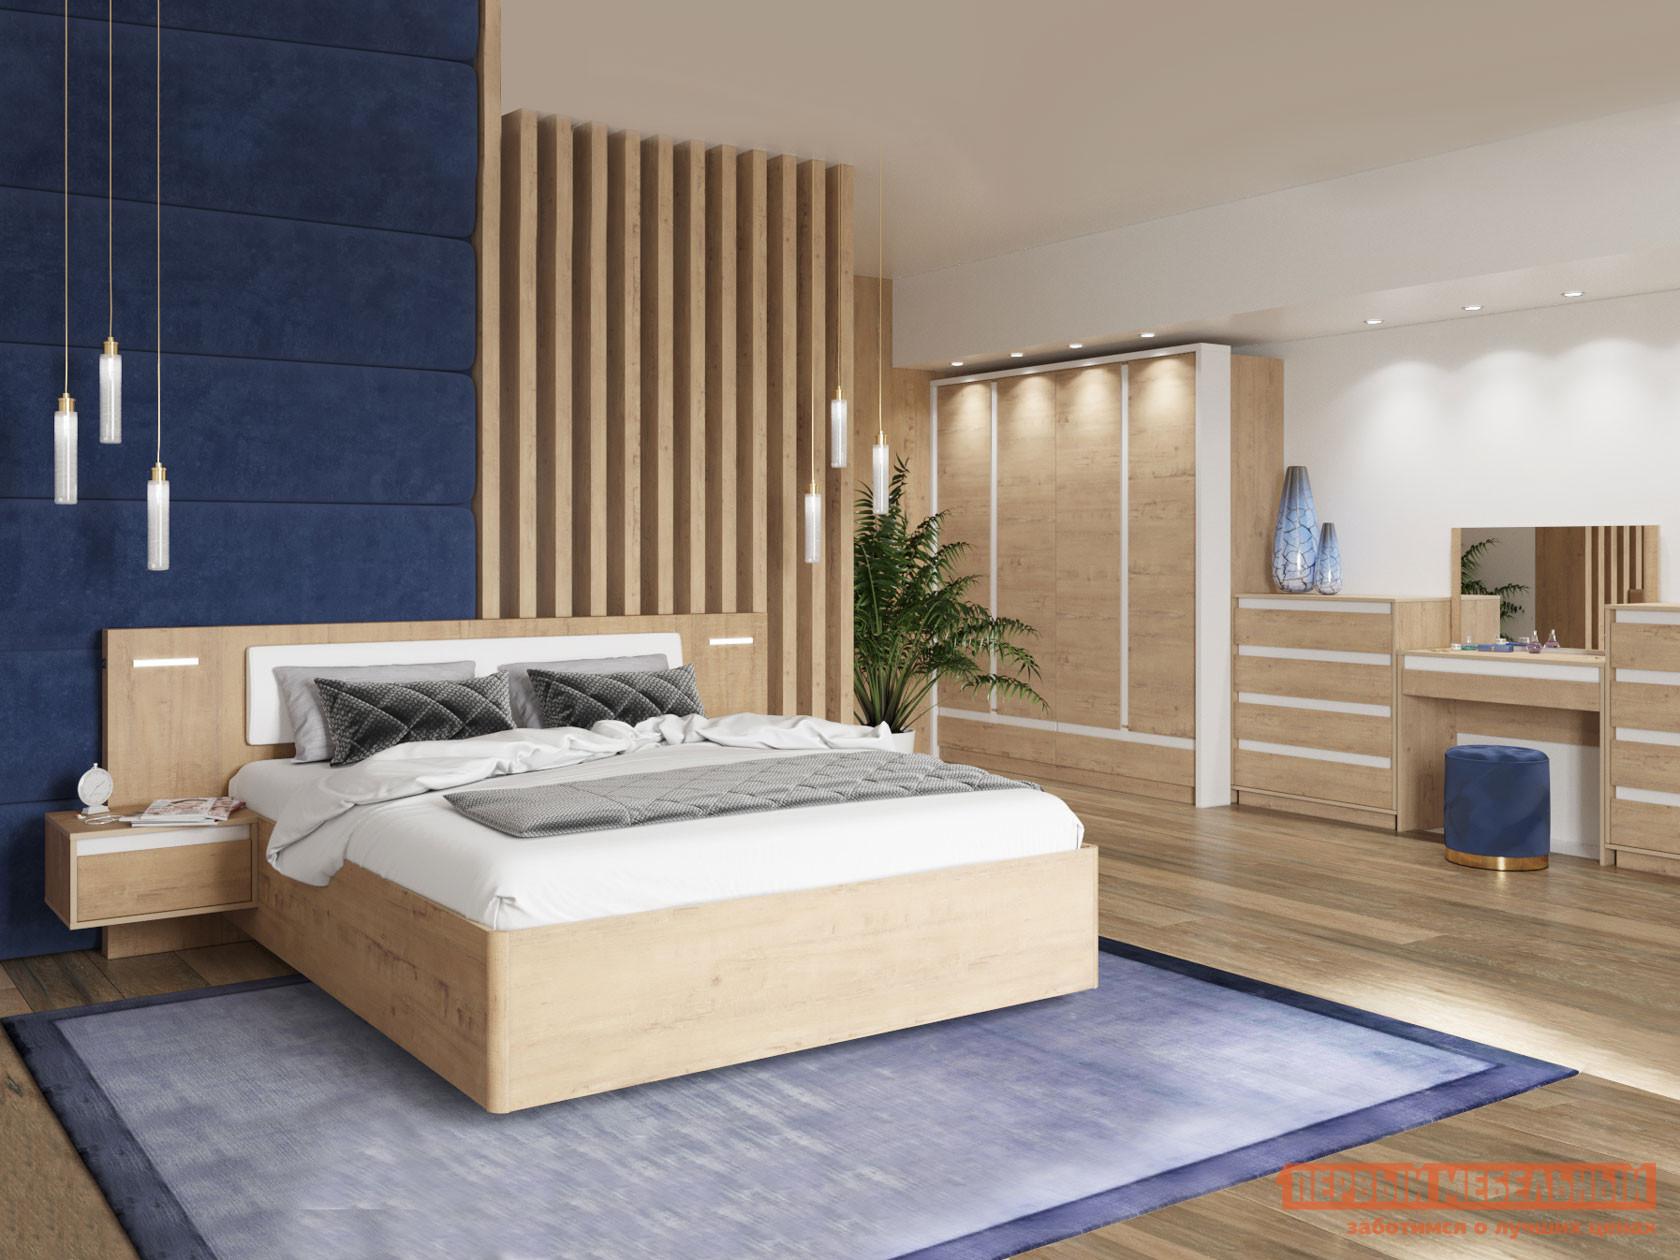 Спальный гарнитур Первый Мебельный Спальня VIRGINIA комплектация 2